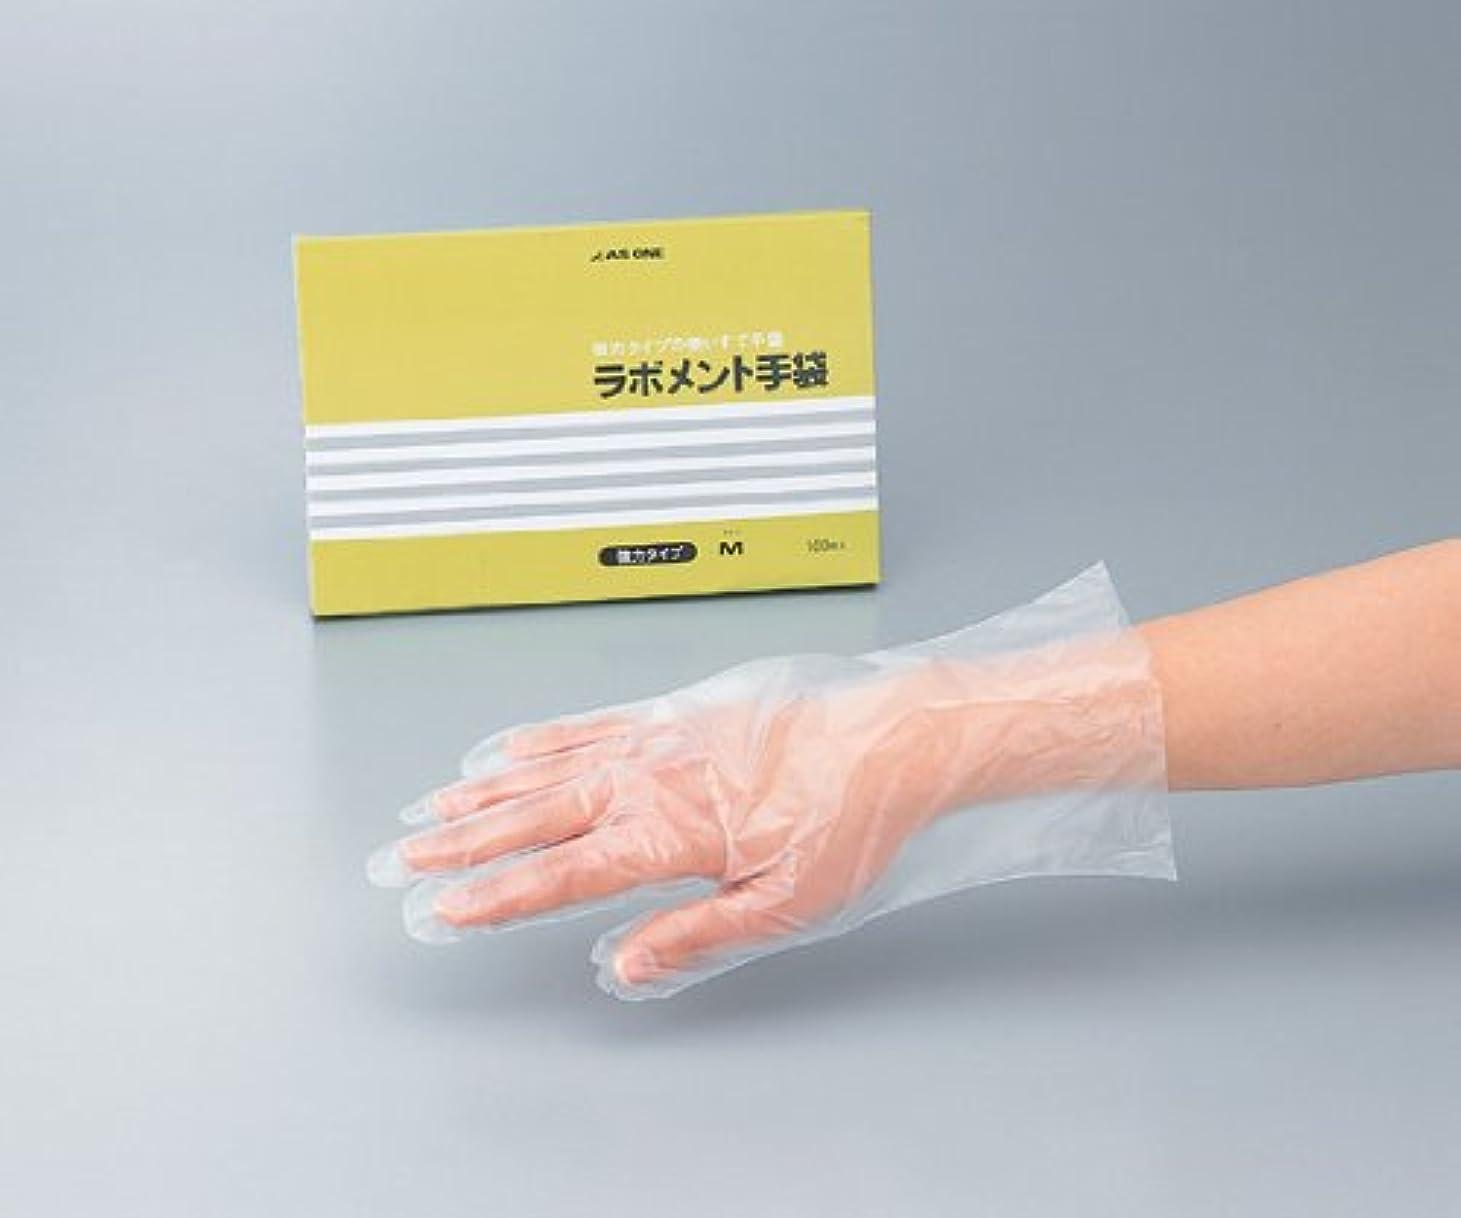 強化組バッチアズワン6-897-02ラボメント手袋M100枚入